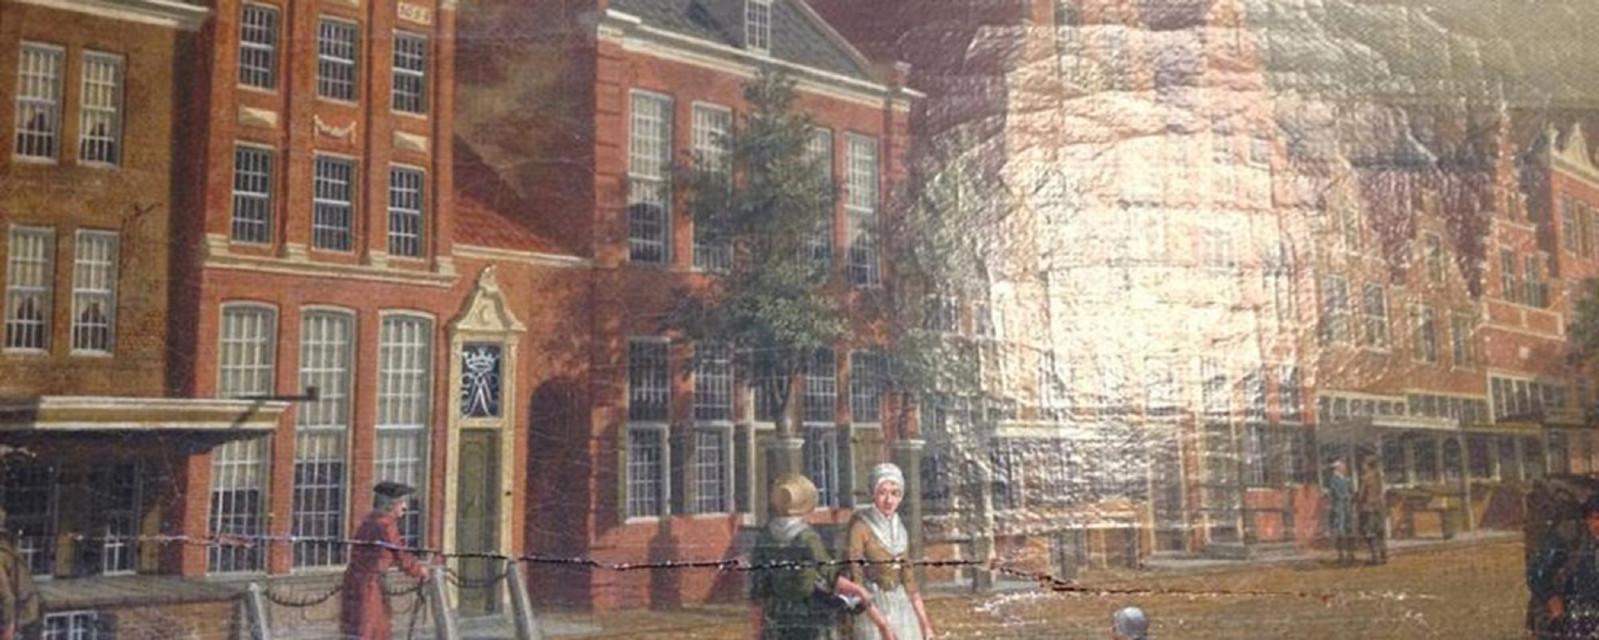 Een gedeelte van het werk Nieuwstraat in Hoorn (1784) van Izaak Ouwater